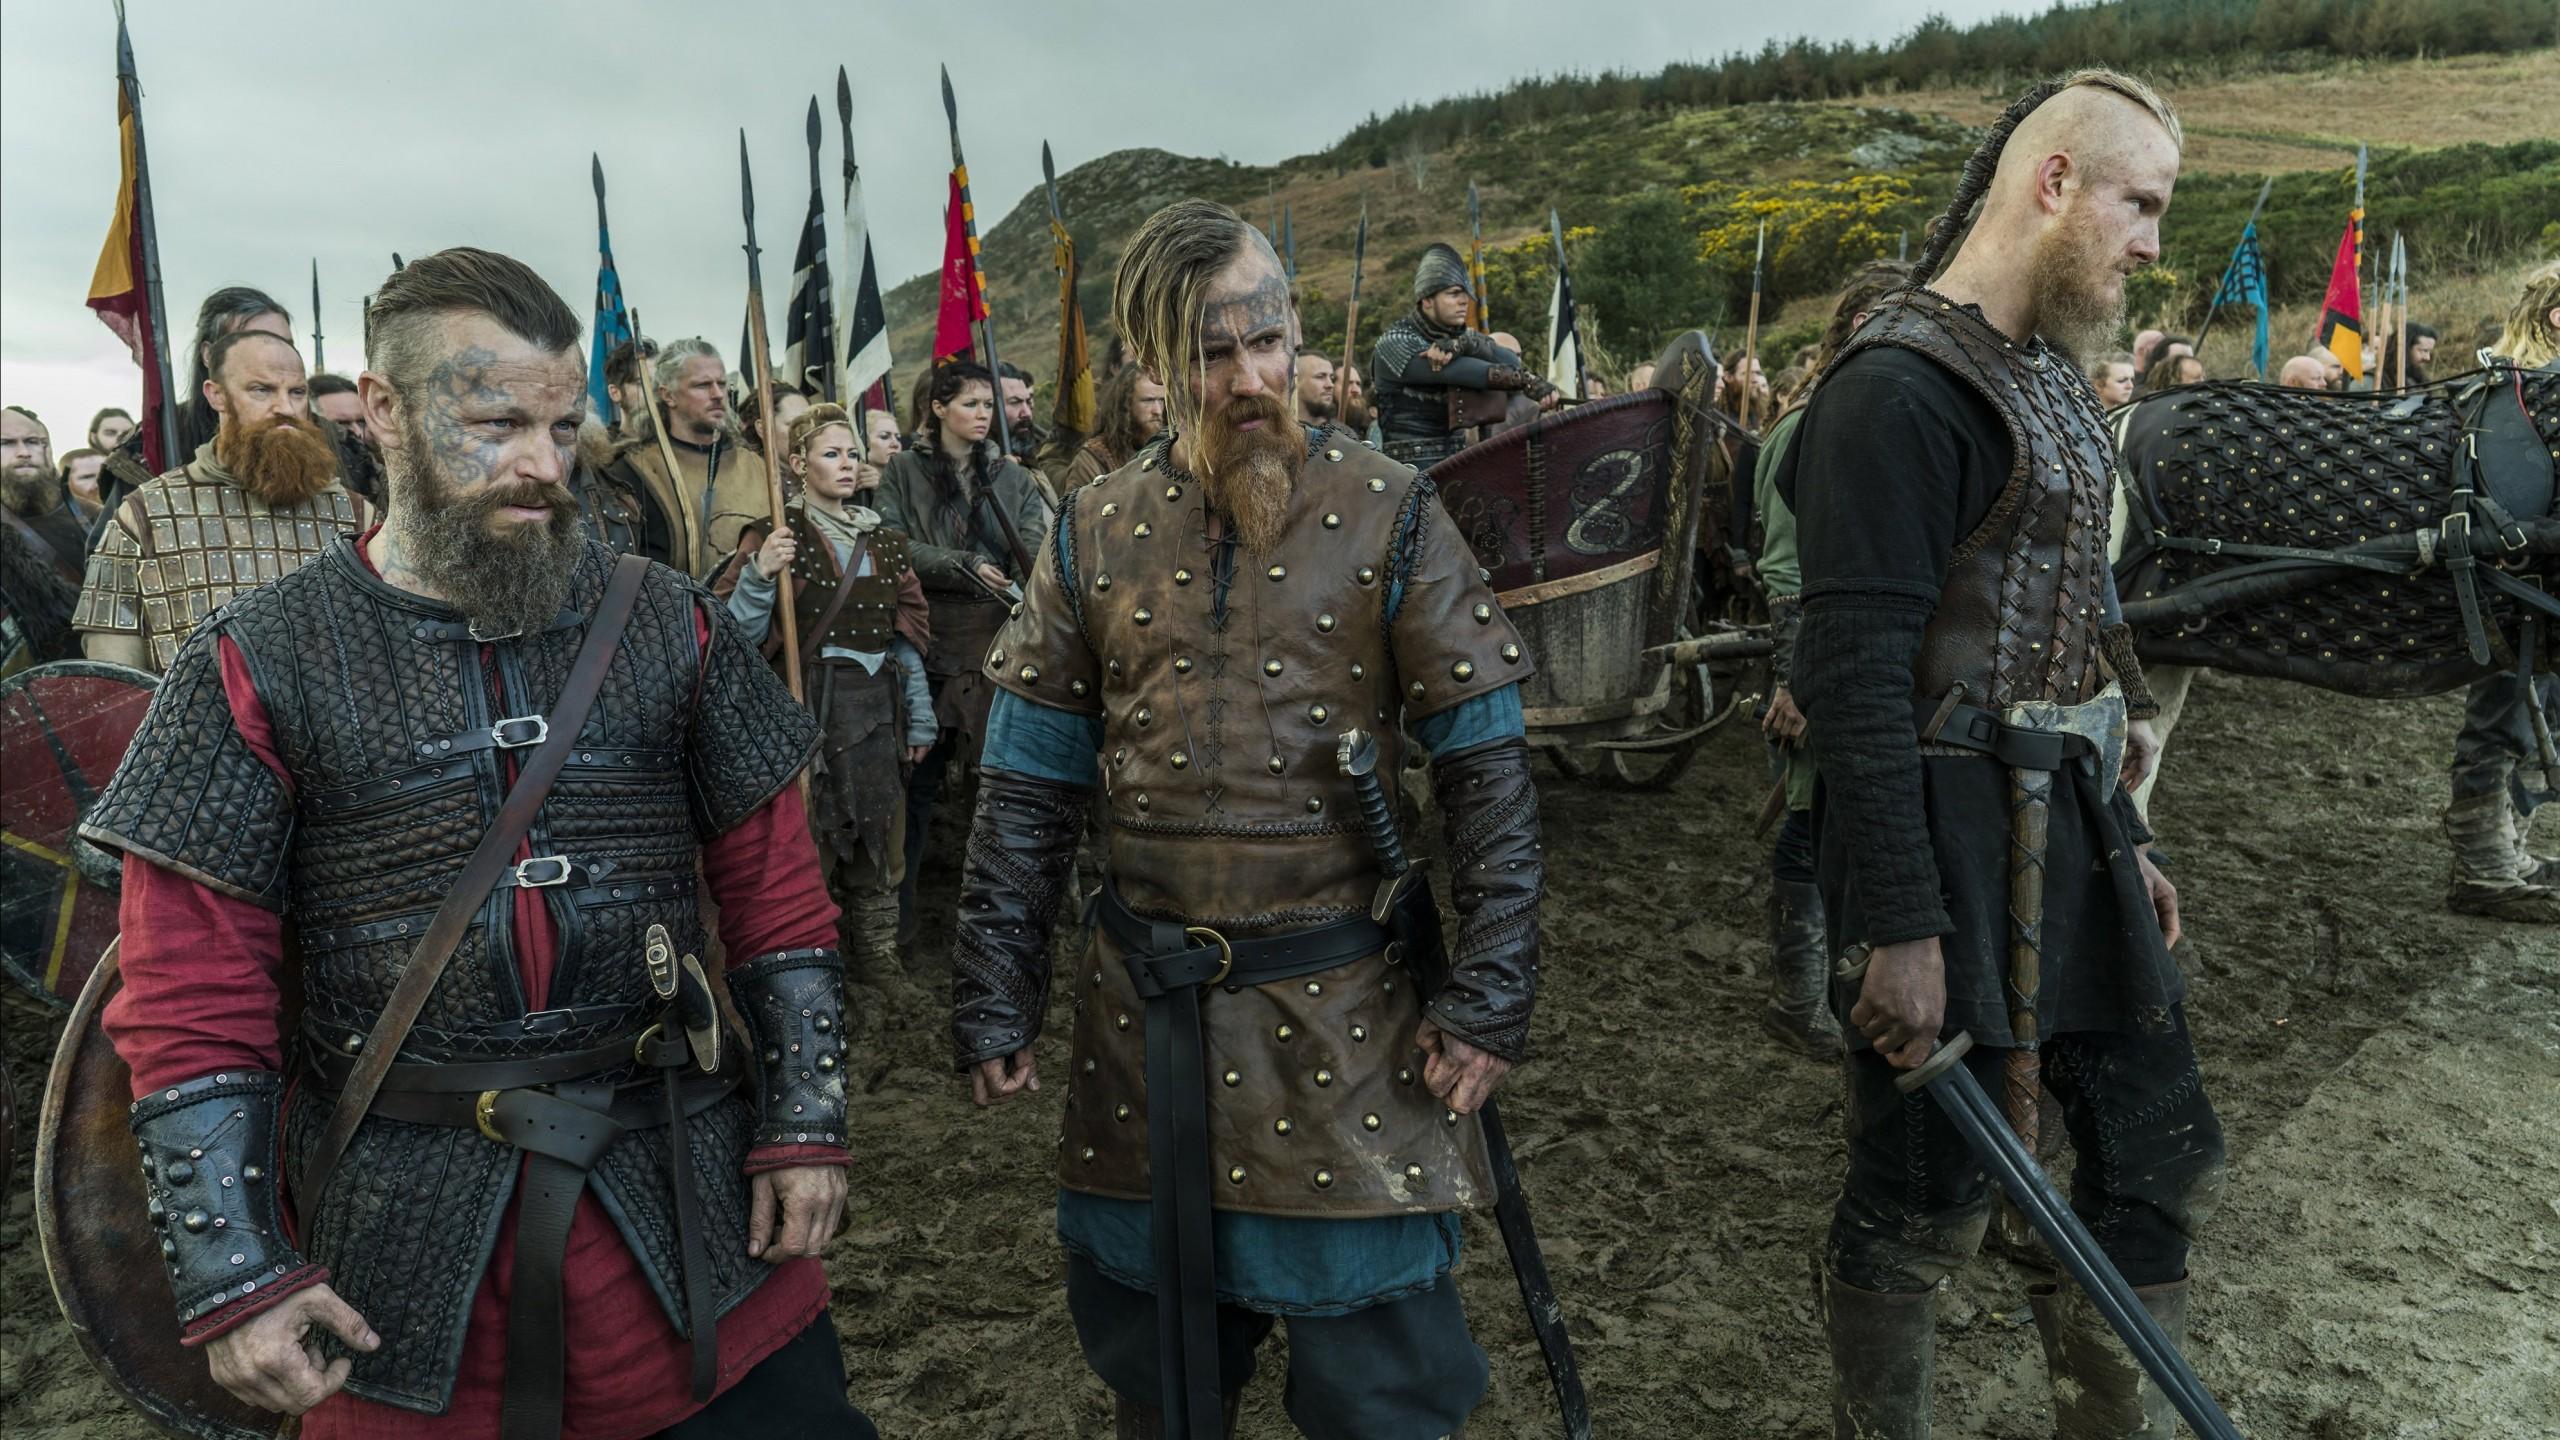 Wallpaper Vikings Season 5 Travis Fimmel Katheryn Winnick 4k 5k Movies 18085